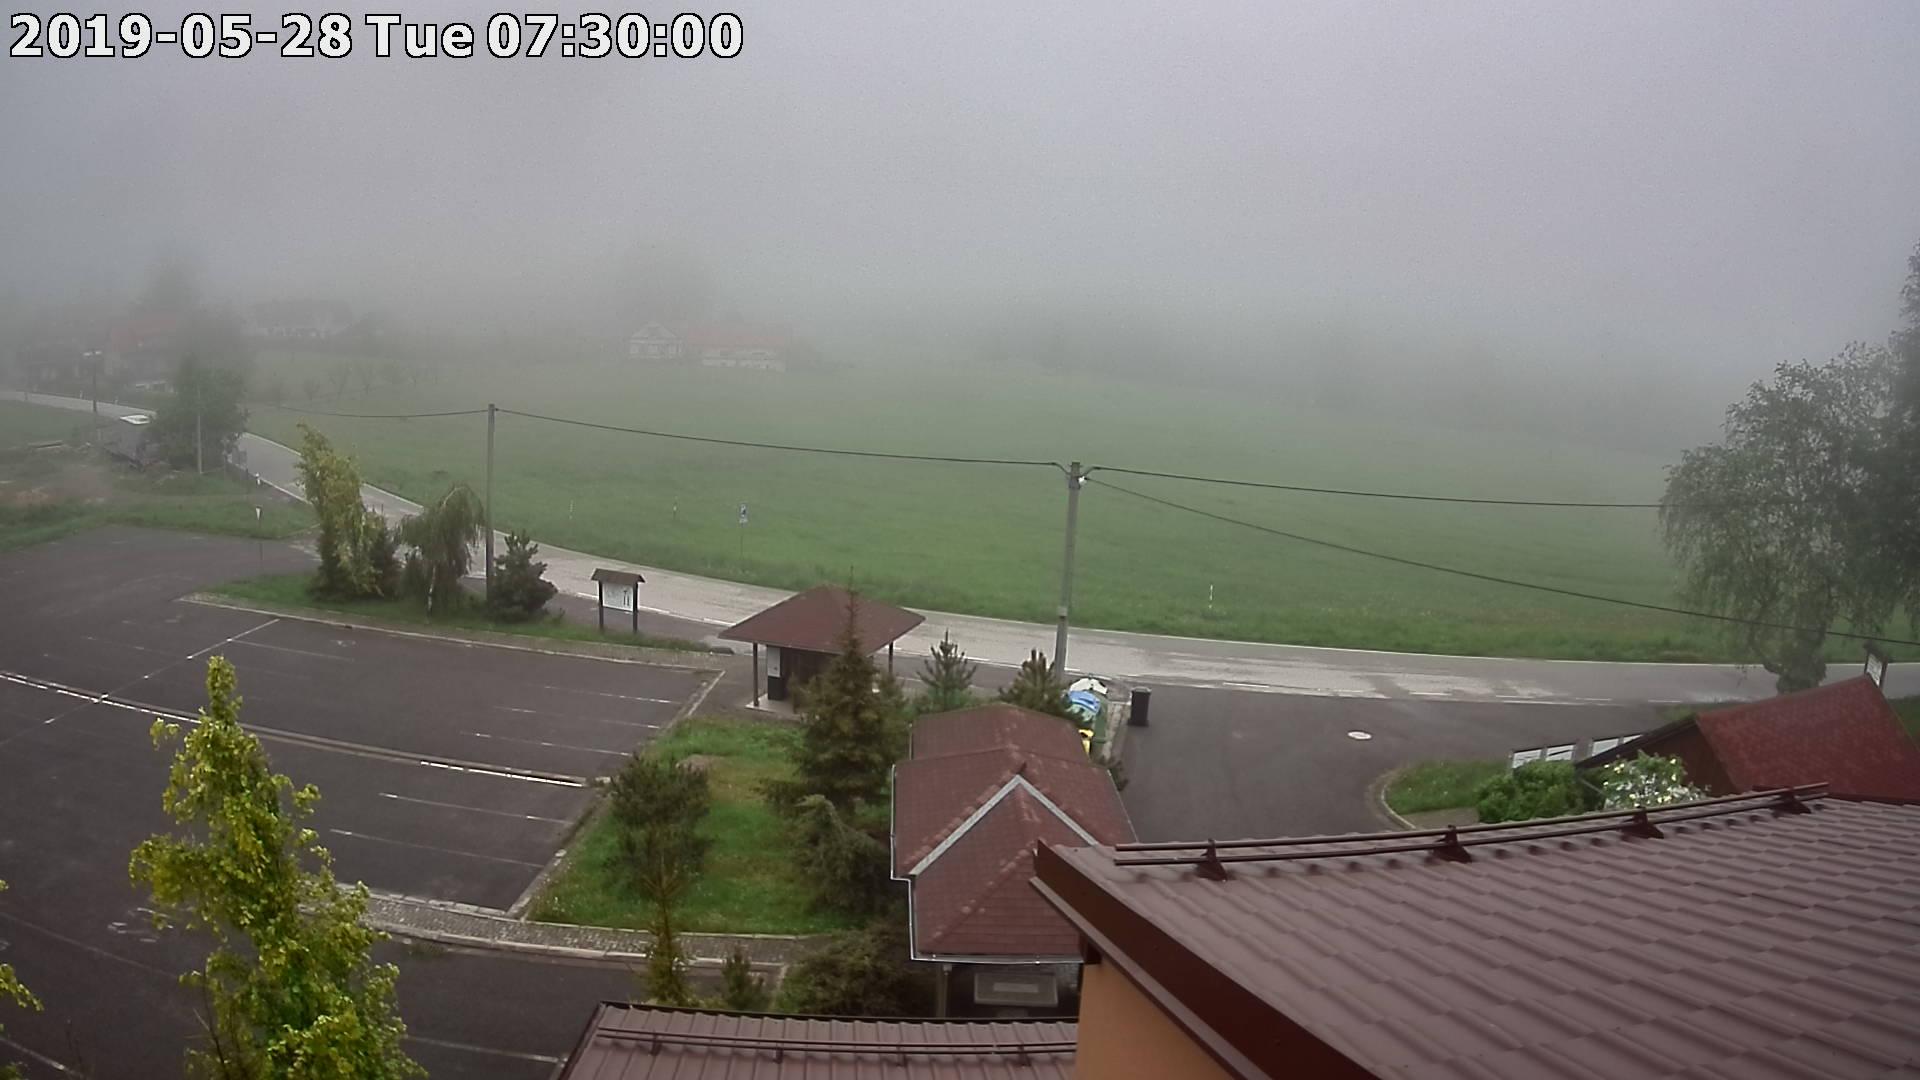 Webkamera ze dne 2019-05-28